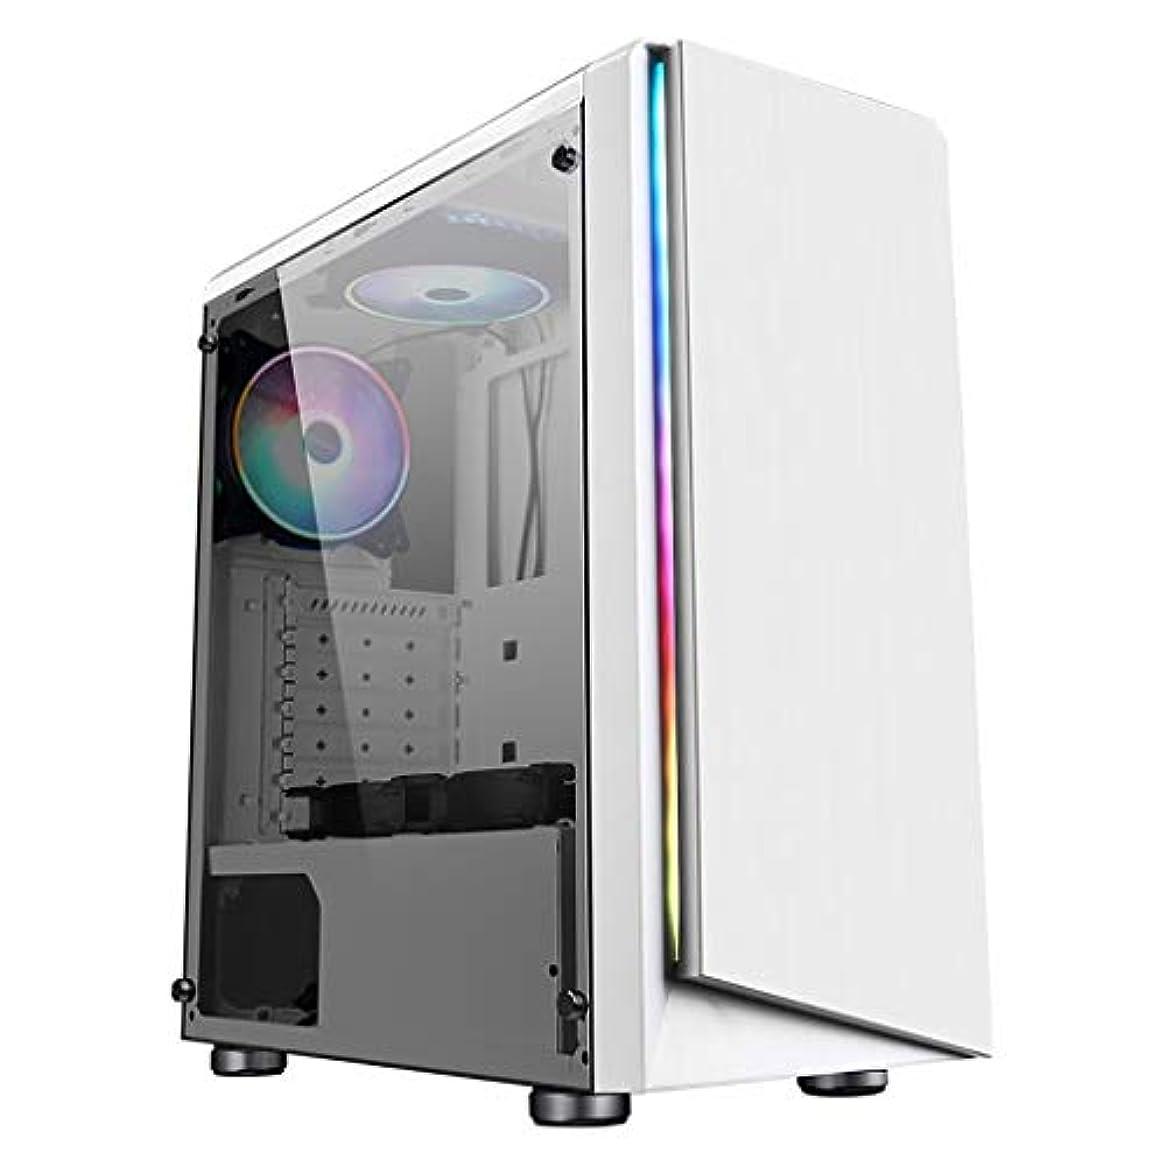 抜本的な方向乗ってXZ15 ミッドタワーゲーミングコンピューターケース、ATX、M-ATX、ITX、液体冷却のサポート、8つの空冷システム、サイドウィンドウパネル (Color : White)